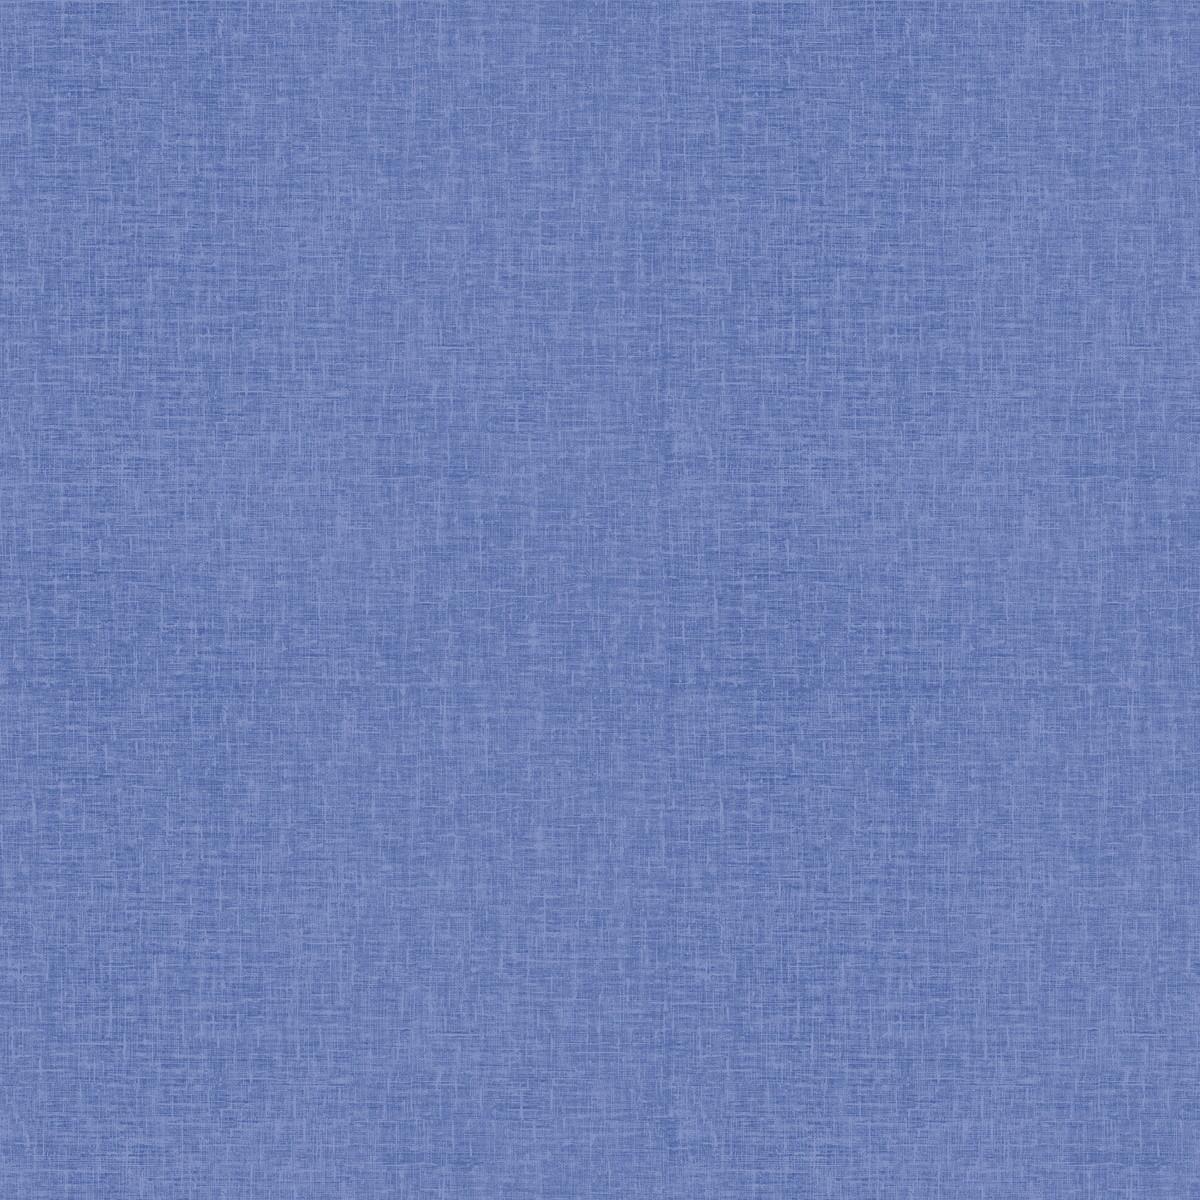 Papel de parede liso azul escuro 1759 wp decor elo7 for Papel decorativo azul